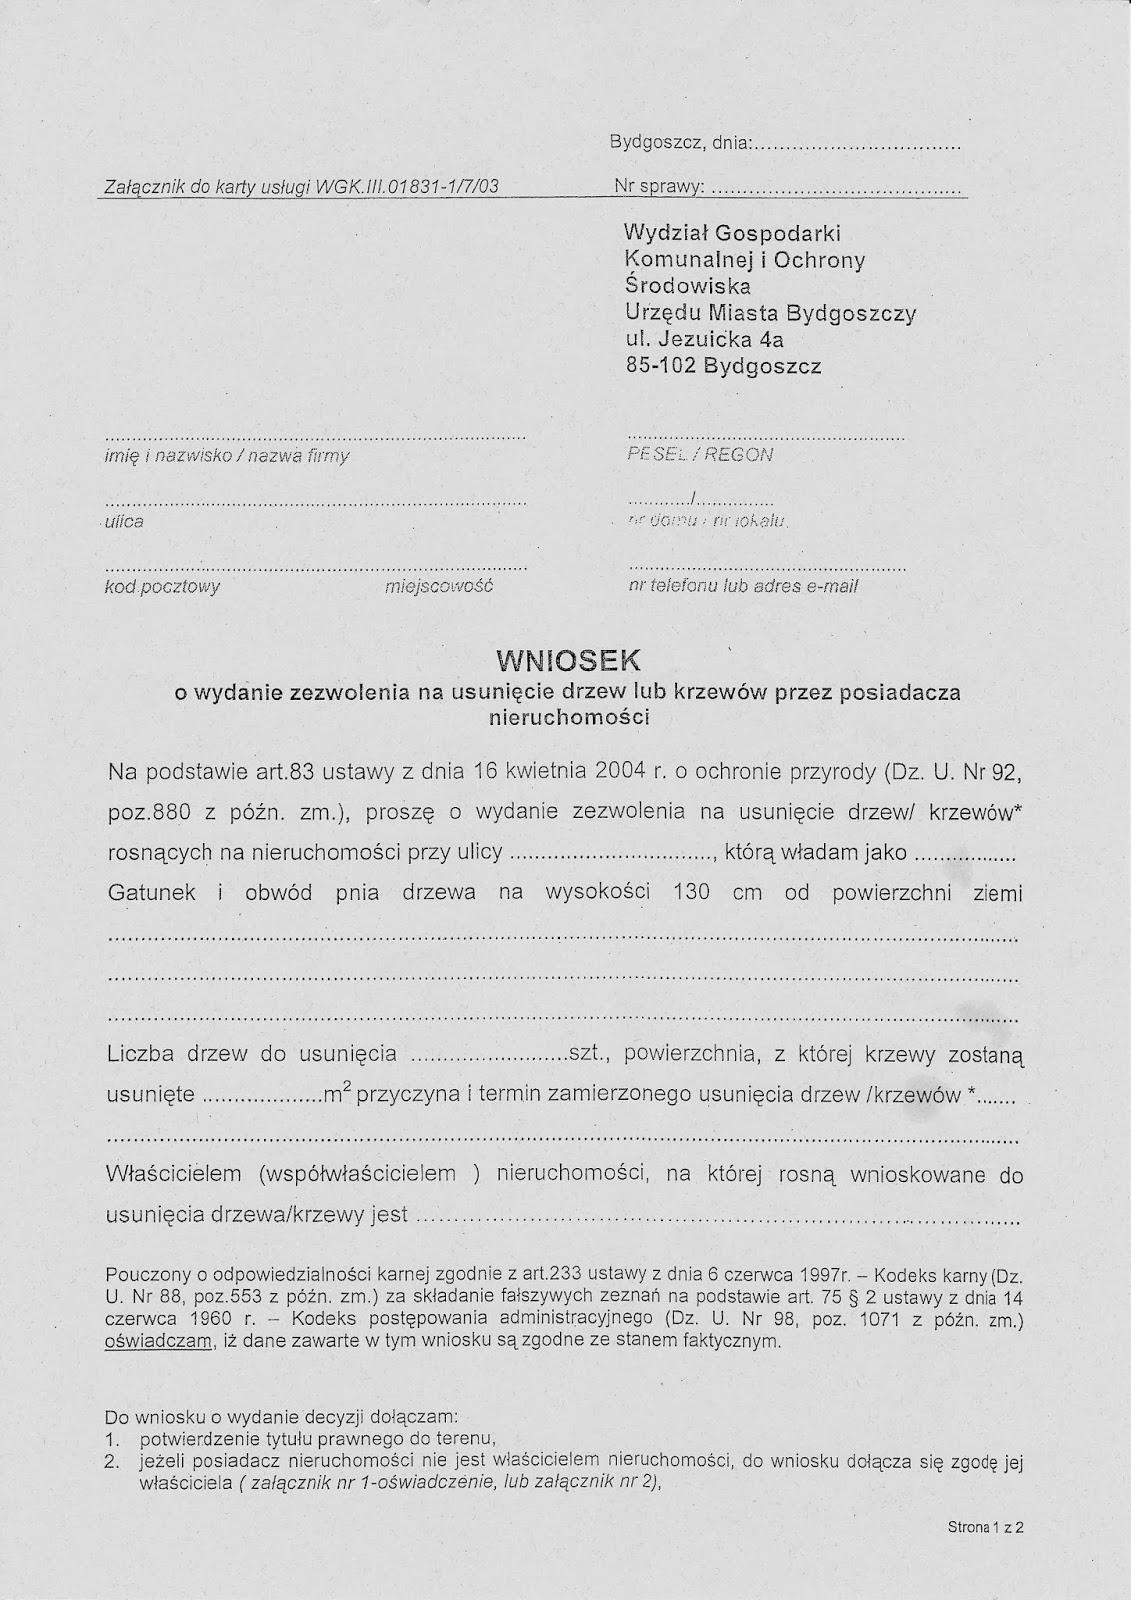 Wniosek o wycinkę drzewa, Warszawa, firma